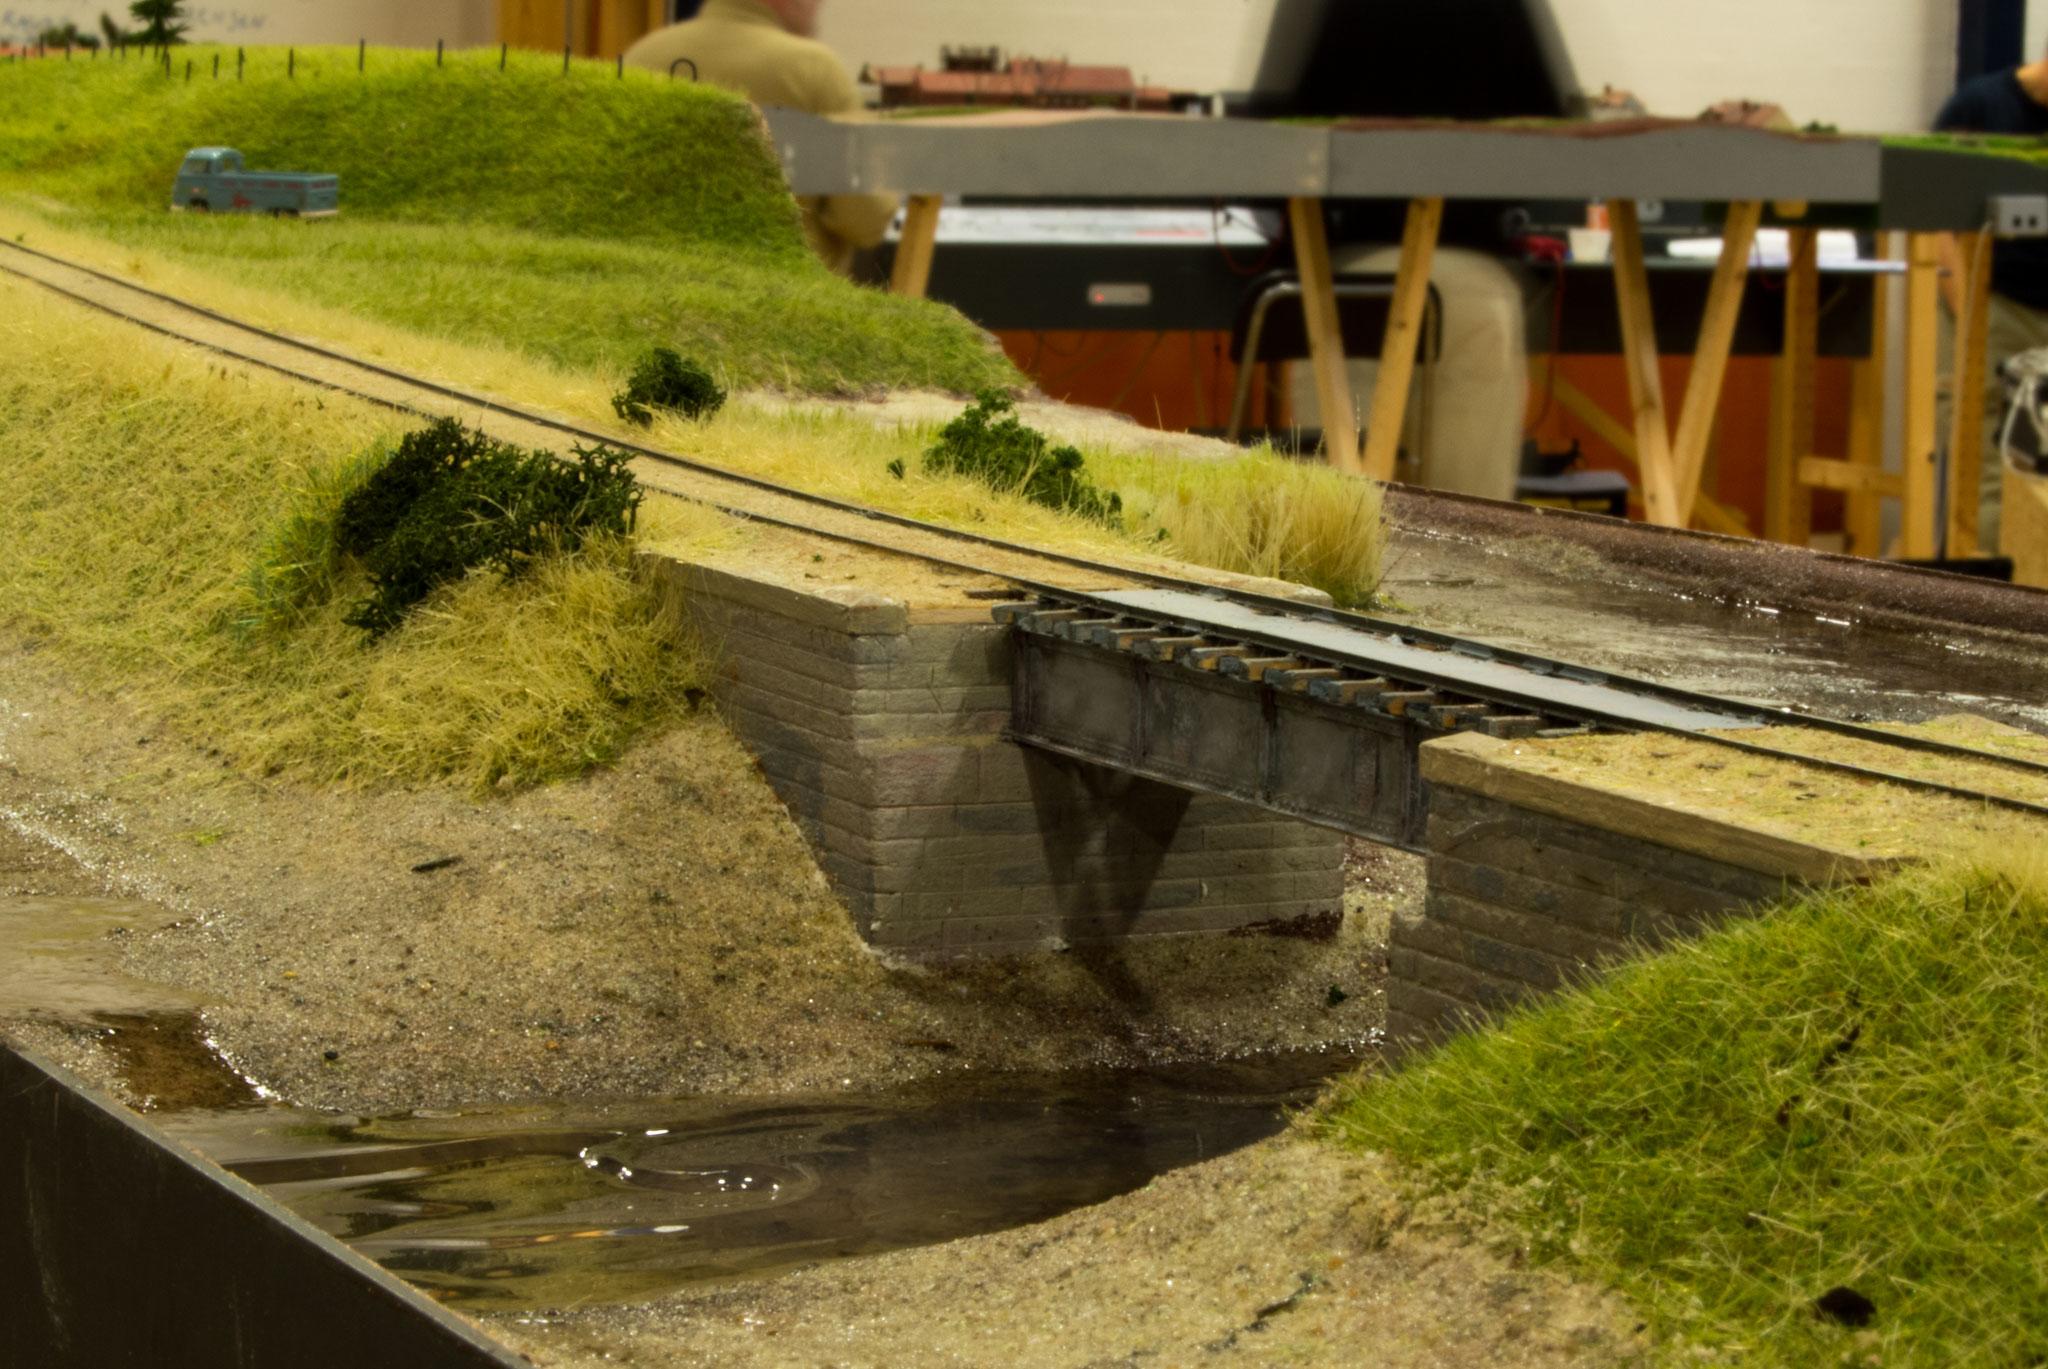 Henrik Poulsens model af broen ved Næsset, Horsens.  Modulet er stadig under opbygning, og broen er et sæt fra 87-gruppen, som har fået tilføjet nogle ekstra detaljer